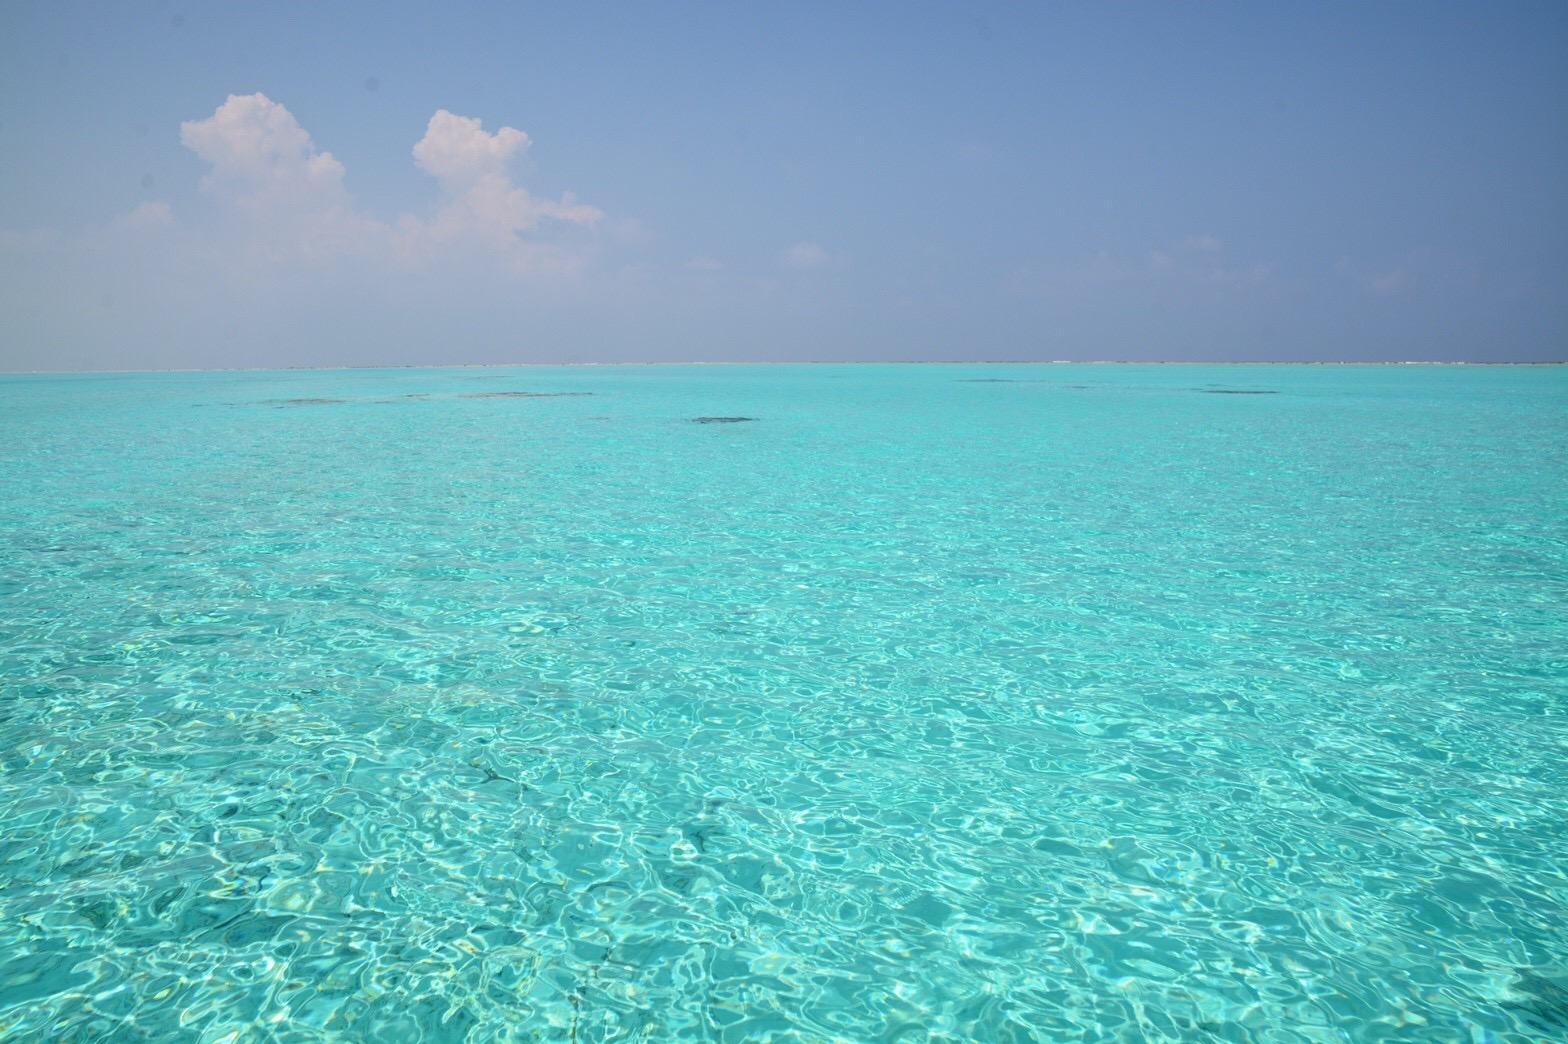 【東洋の真珠】与論島への行き方・楽しみ方。2週間滞在の経験談